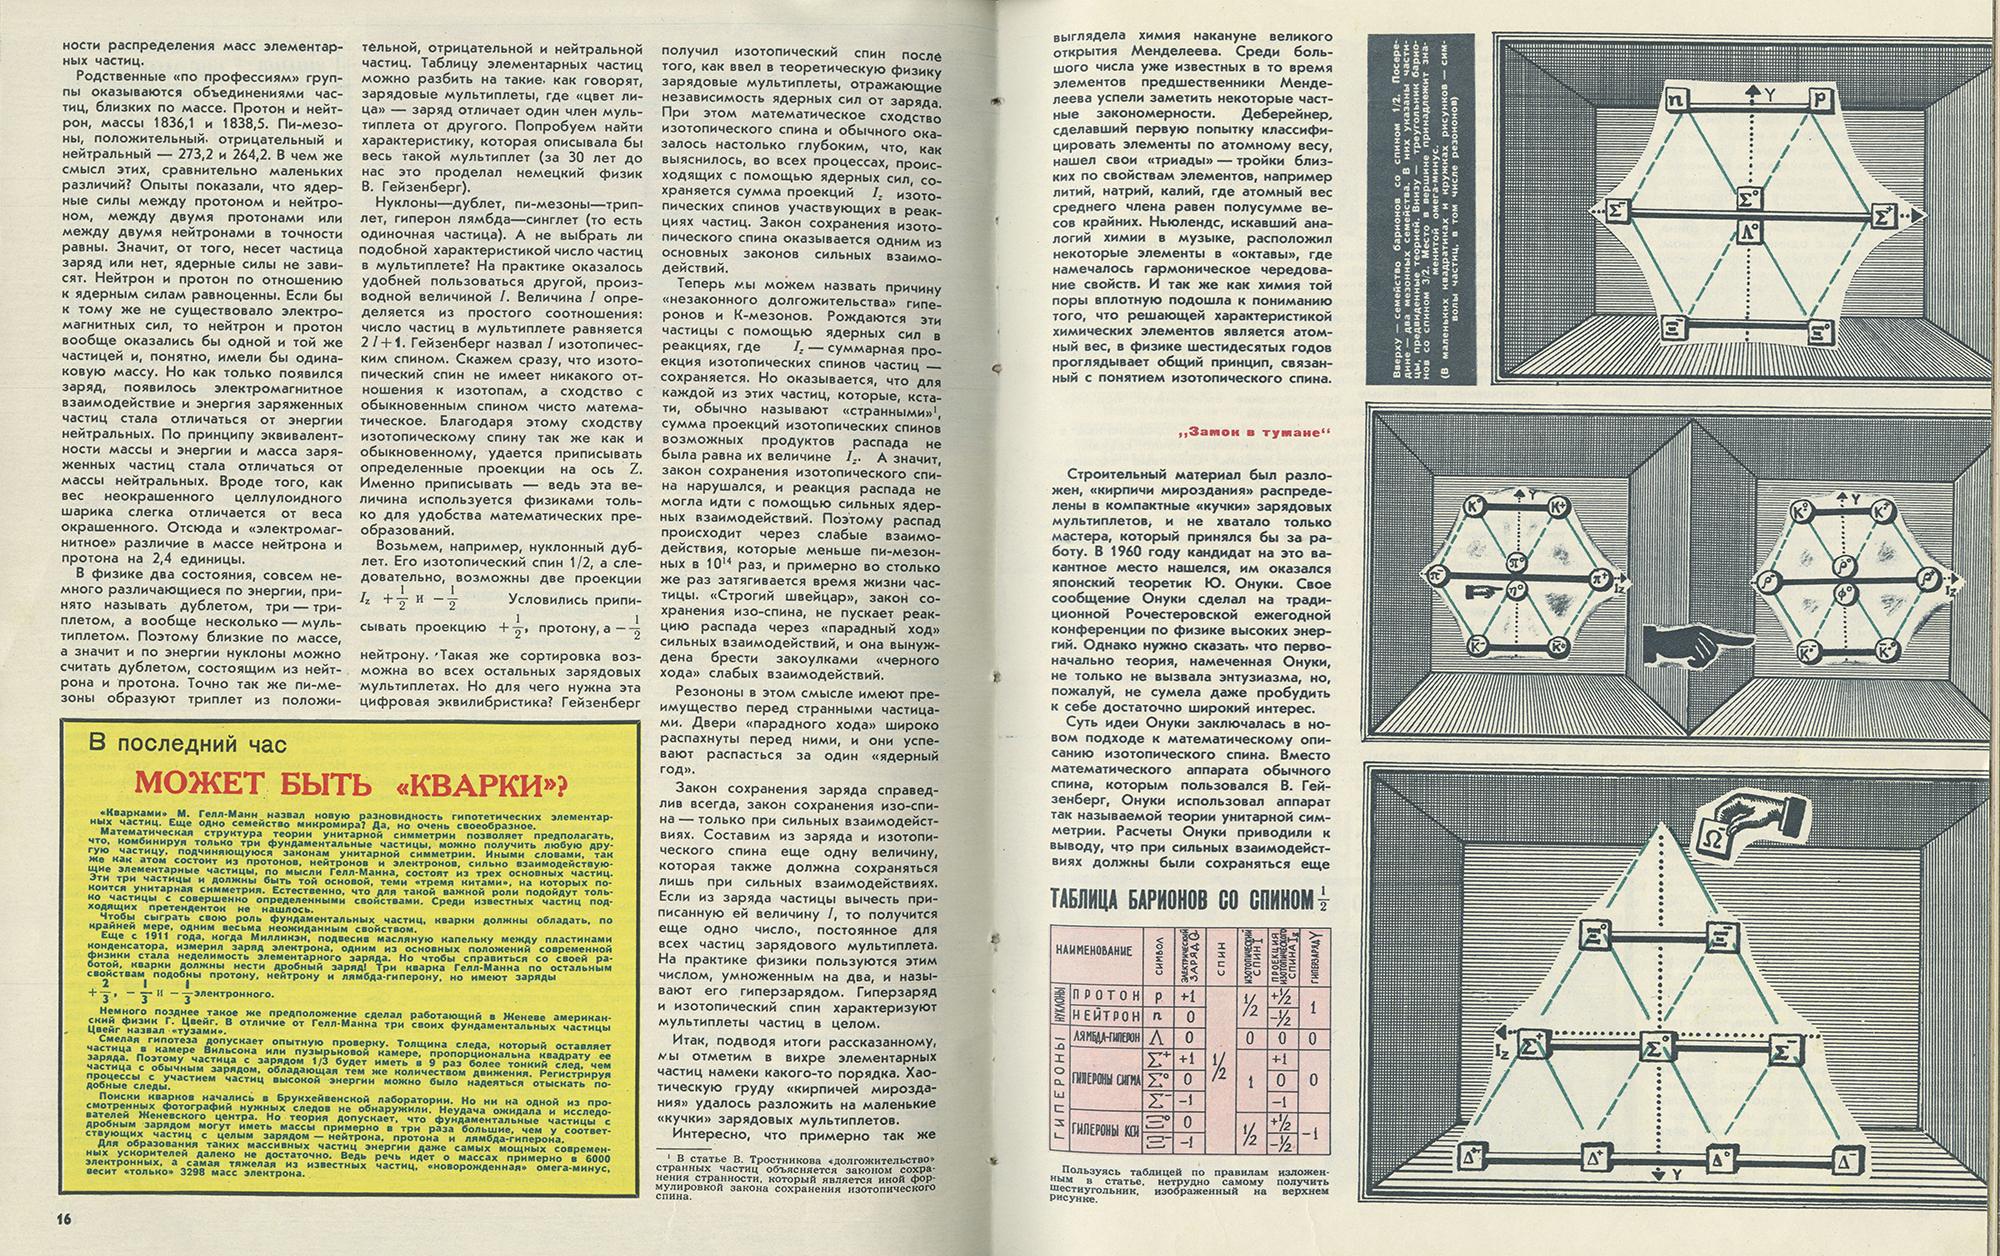 Юло Соостер. Иллюстрации к статье В. Ладина «От« альфы» до «омеги»» в журнале «Знание – Сила» (1964/8)